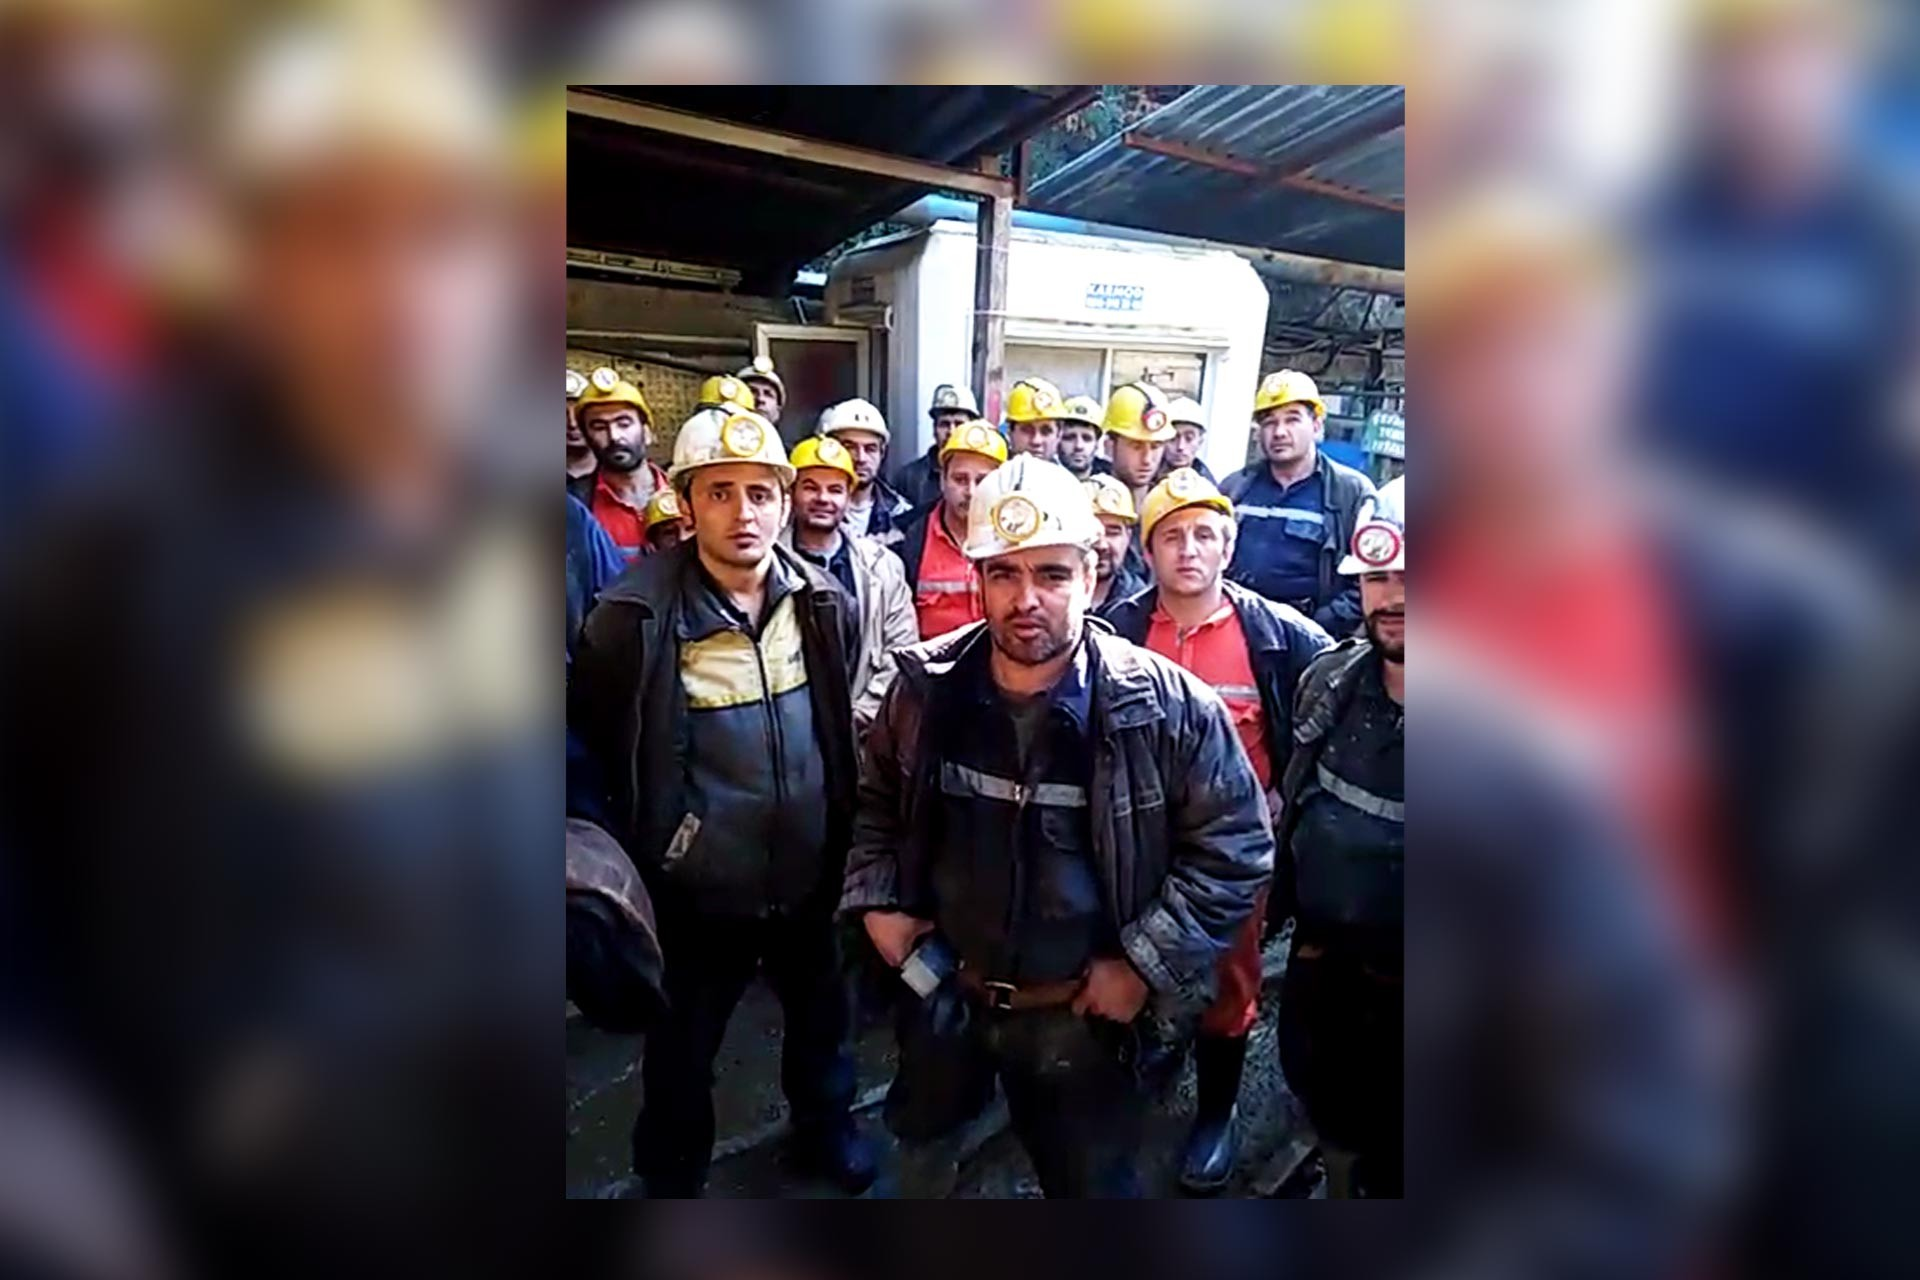 Fotoğraf: Çanakkale'de bulunan NESKO Madende çalışan işçiler taleplerinin kabul edilmesi için kendilerini madene kapattı